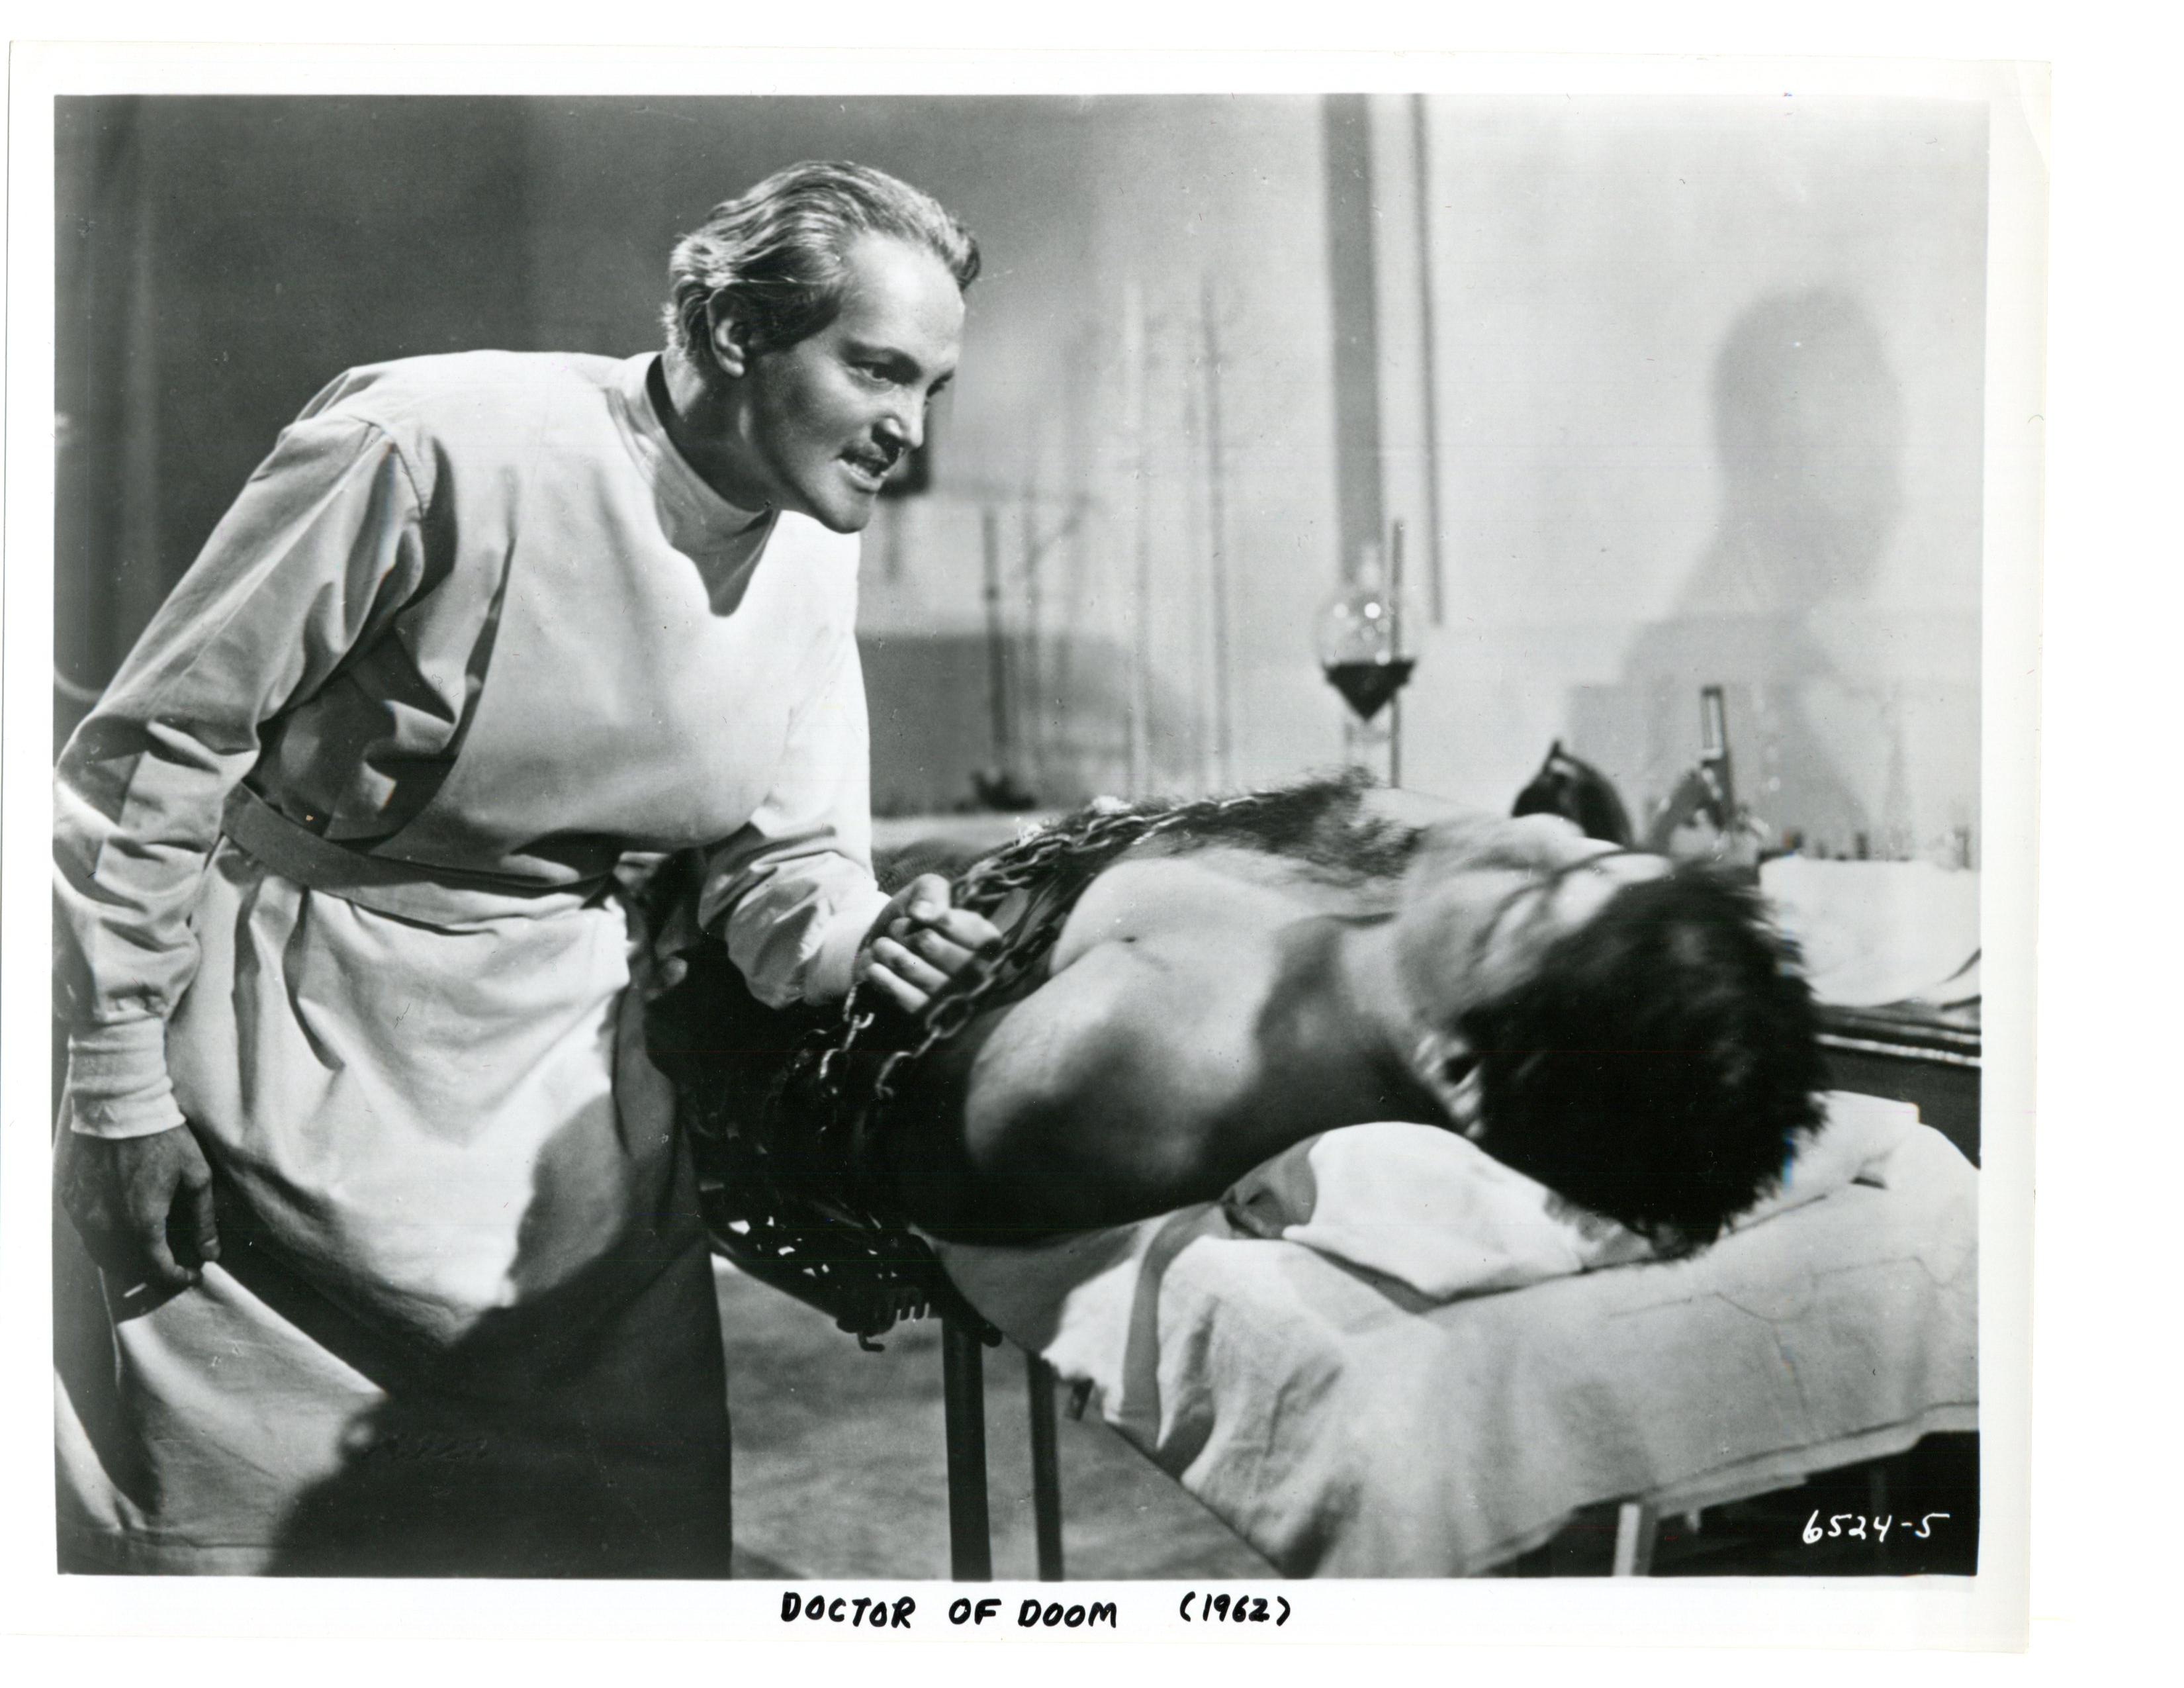 Roberto Cañedo in Las luchadoras contra el médico asesino (1963)